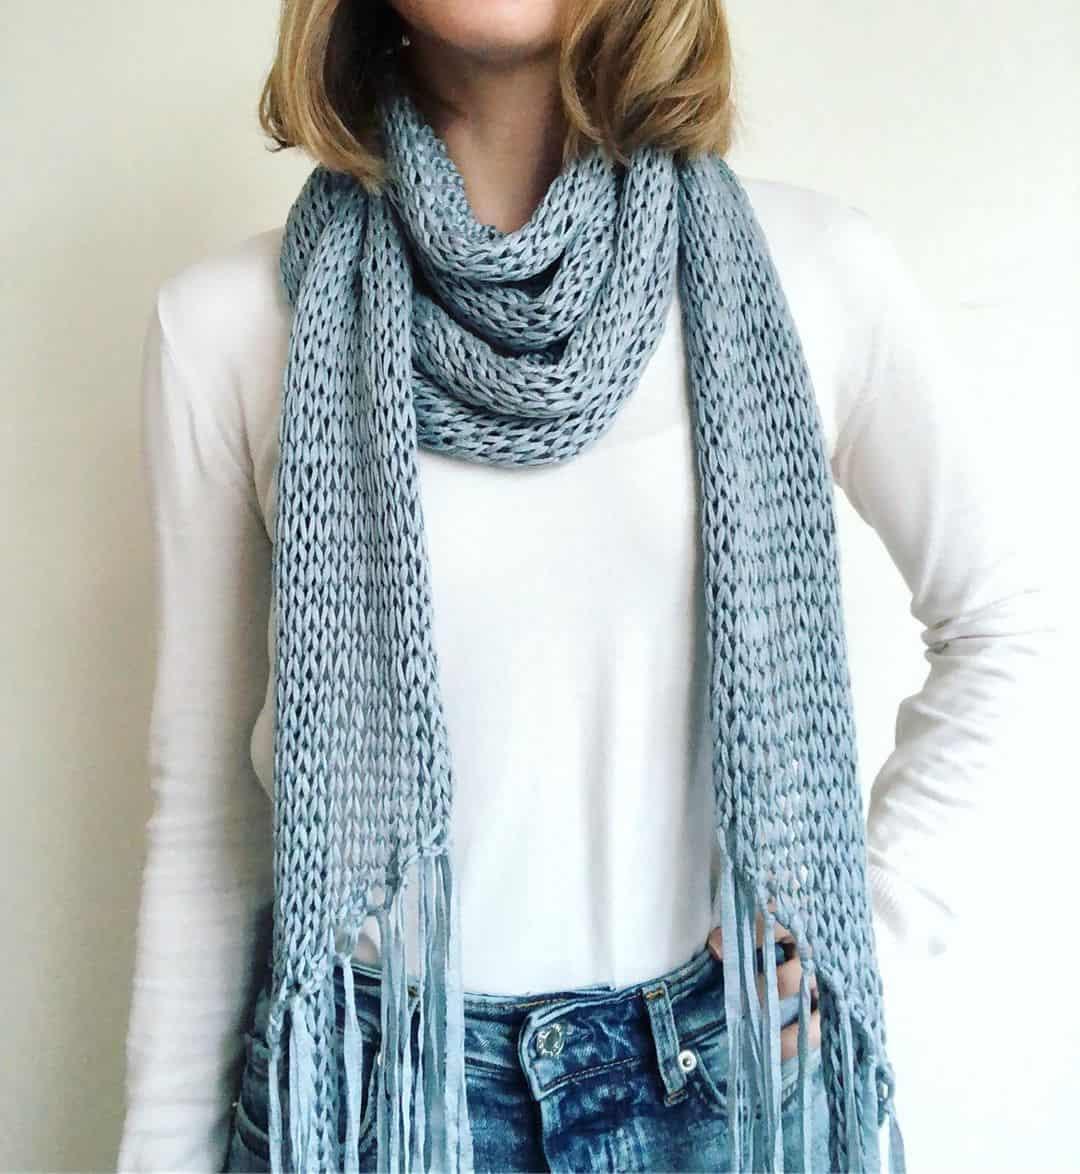 Fringe scarf fashion 2022